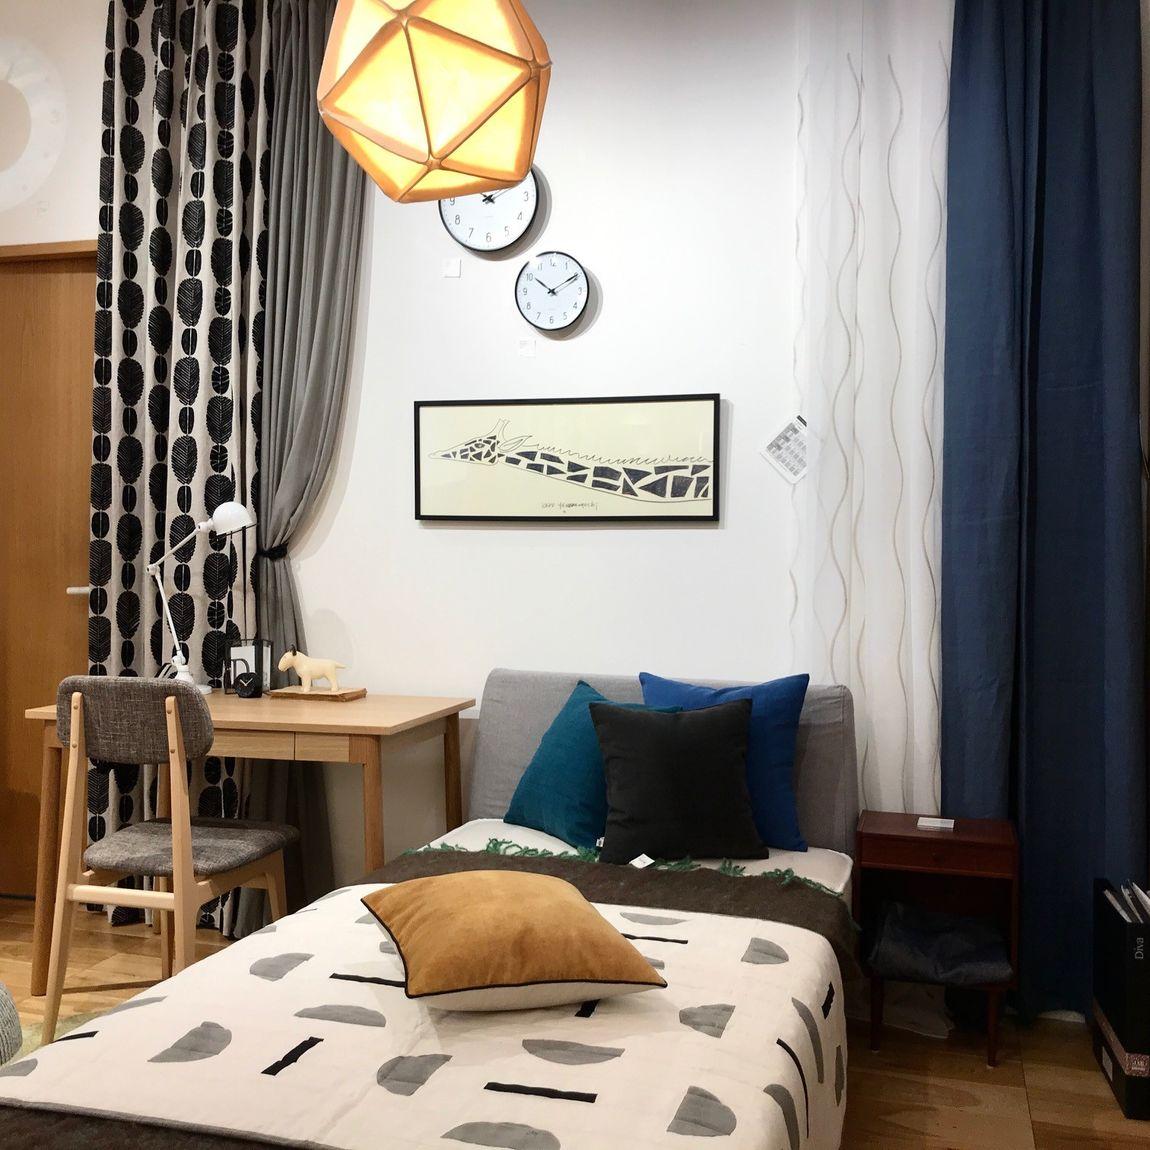 【イデーショップヴァリエテ柏】新しい暮らし、新しいカーテン